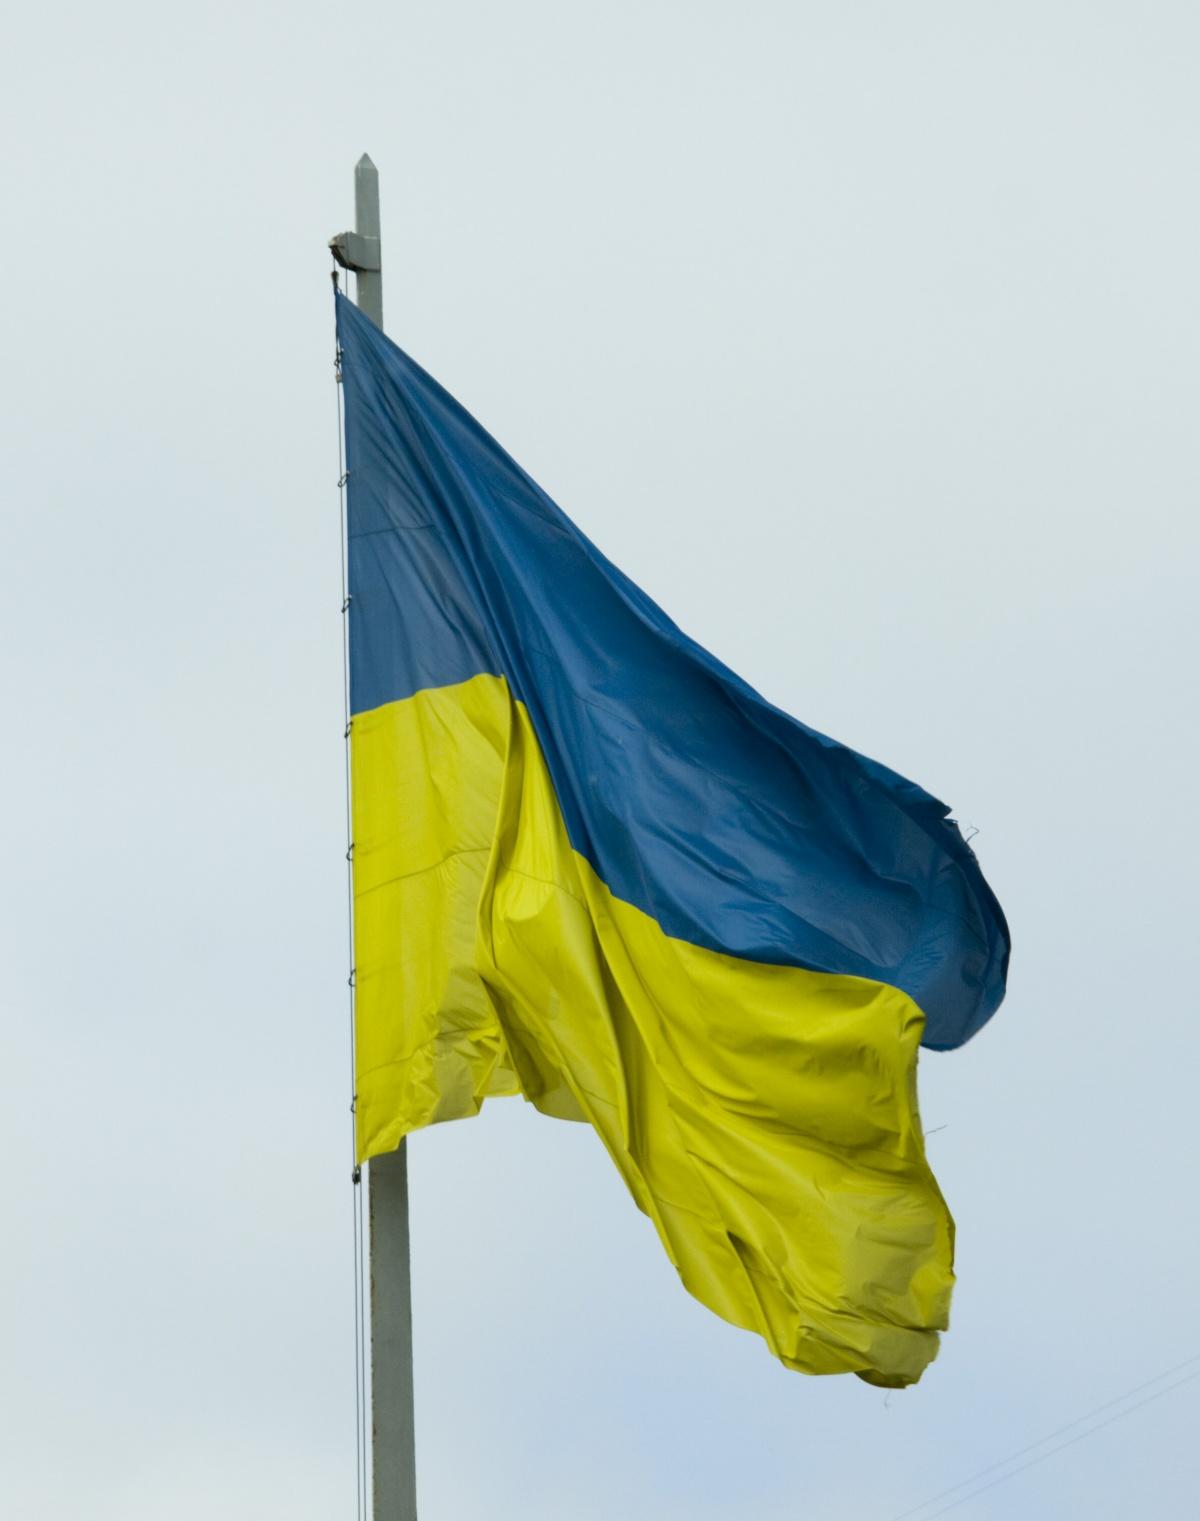 между флаг украины жовто блакитный фото давала мне